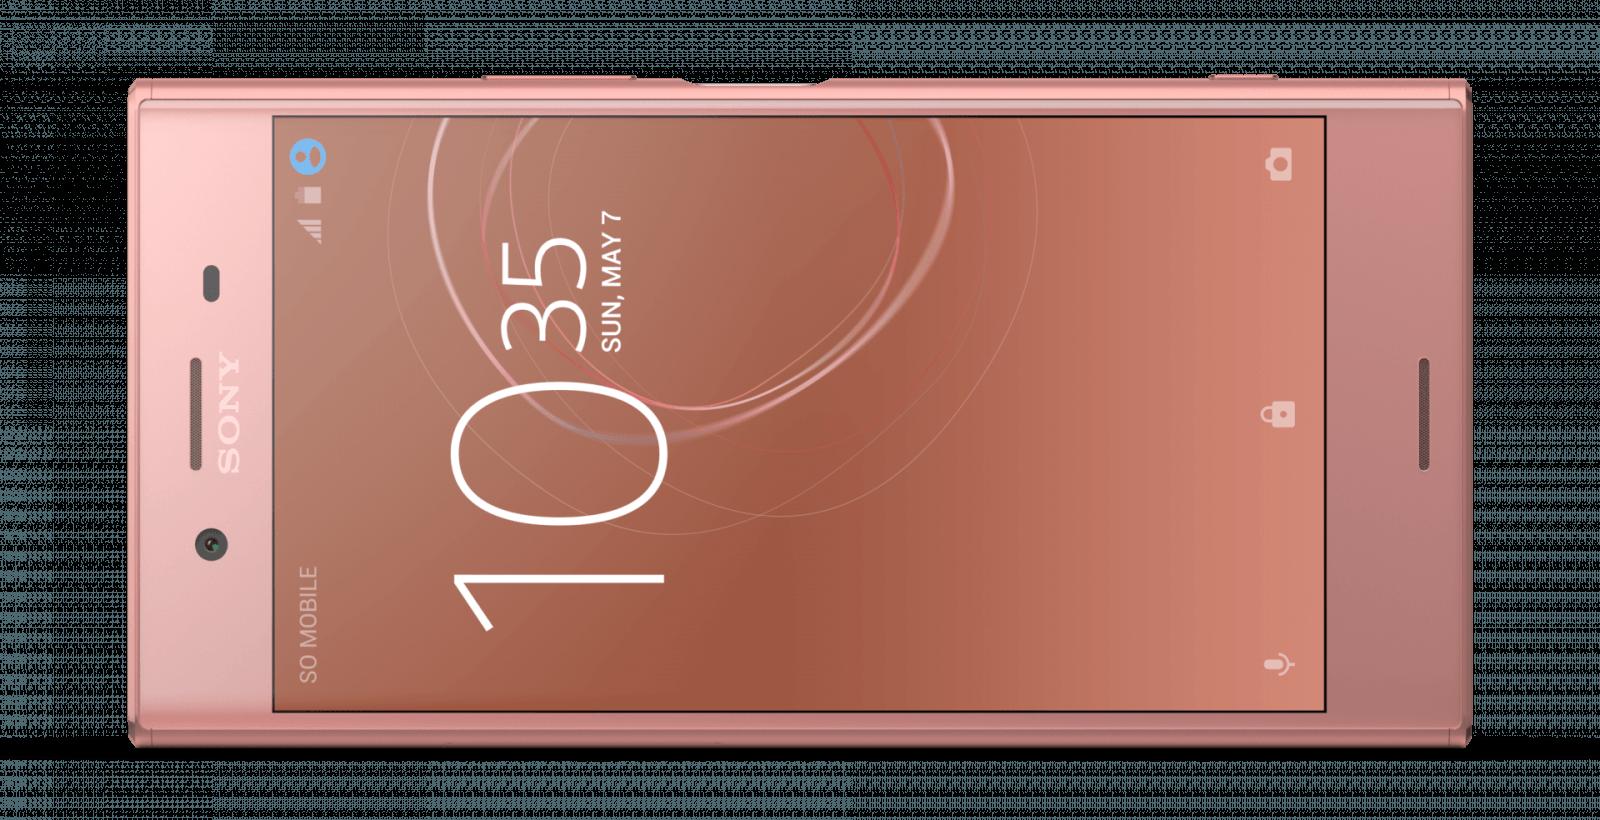 XZ Premium BP fronthoriz e1493245976279 - Sony представила Xperia XZ Premium  в цвете розовая бронза